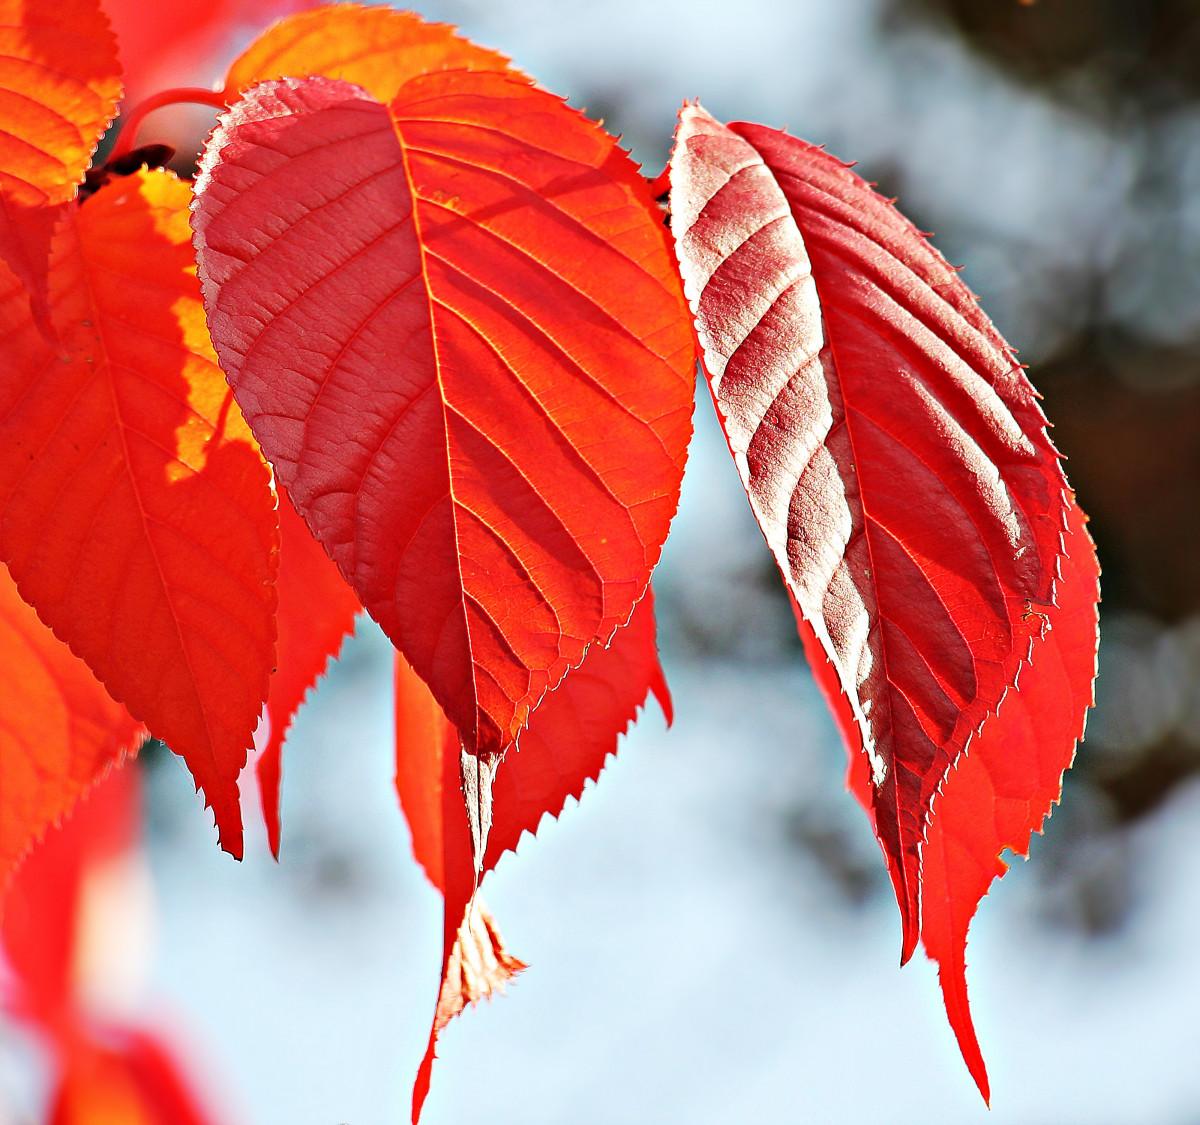 фото осенних листьев деревьев с названиями этому